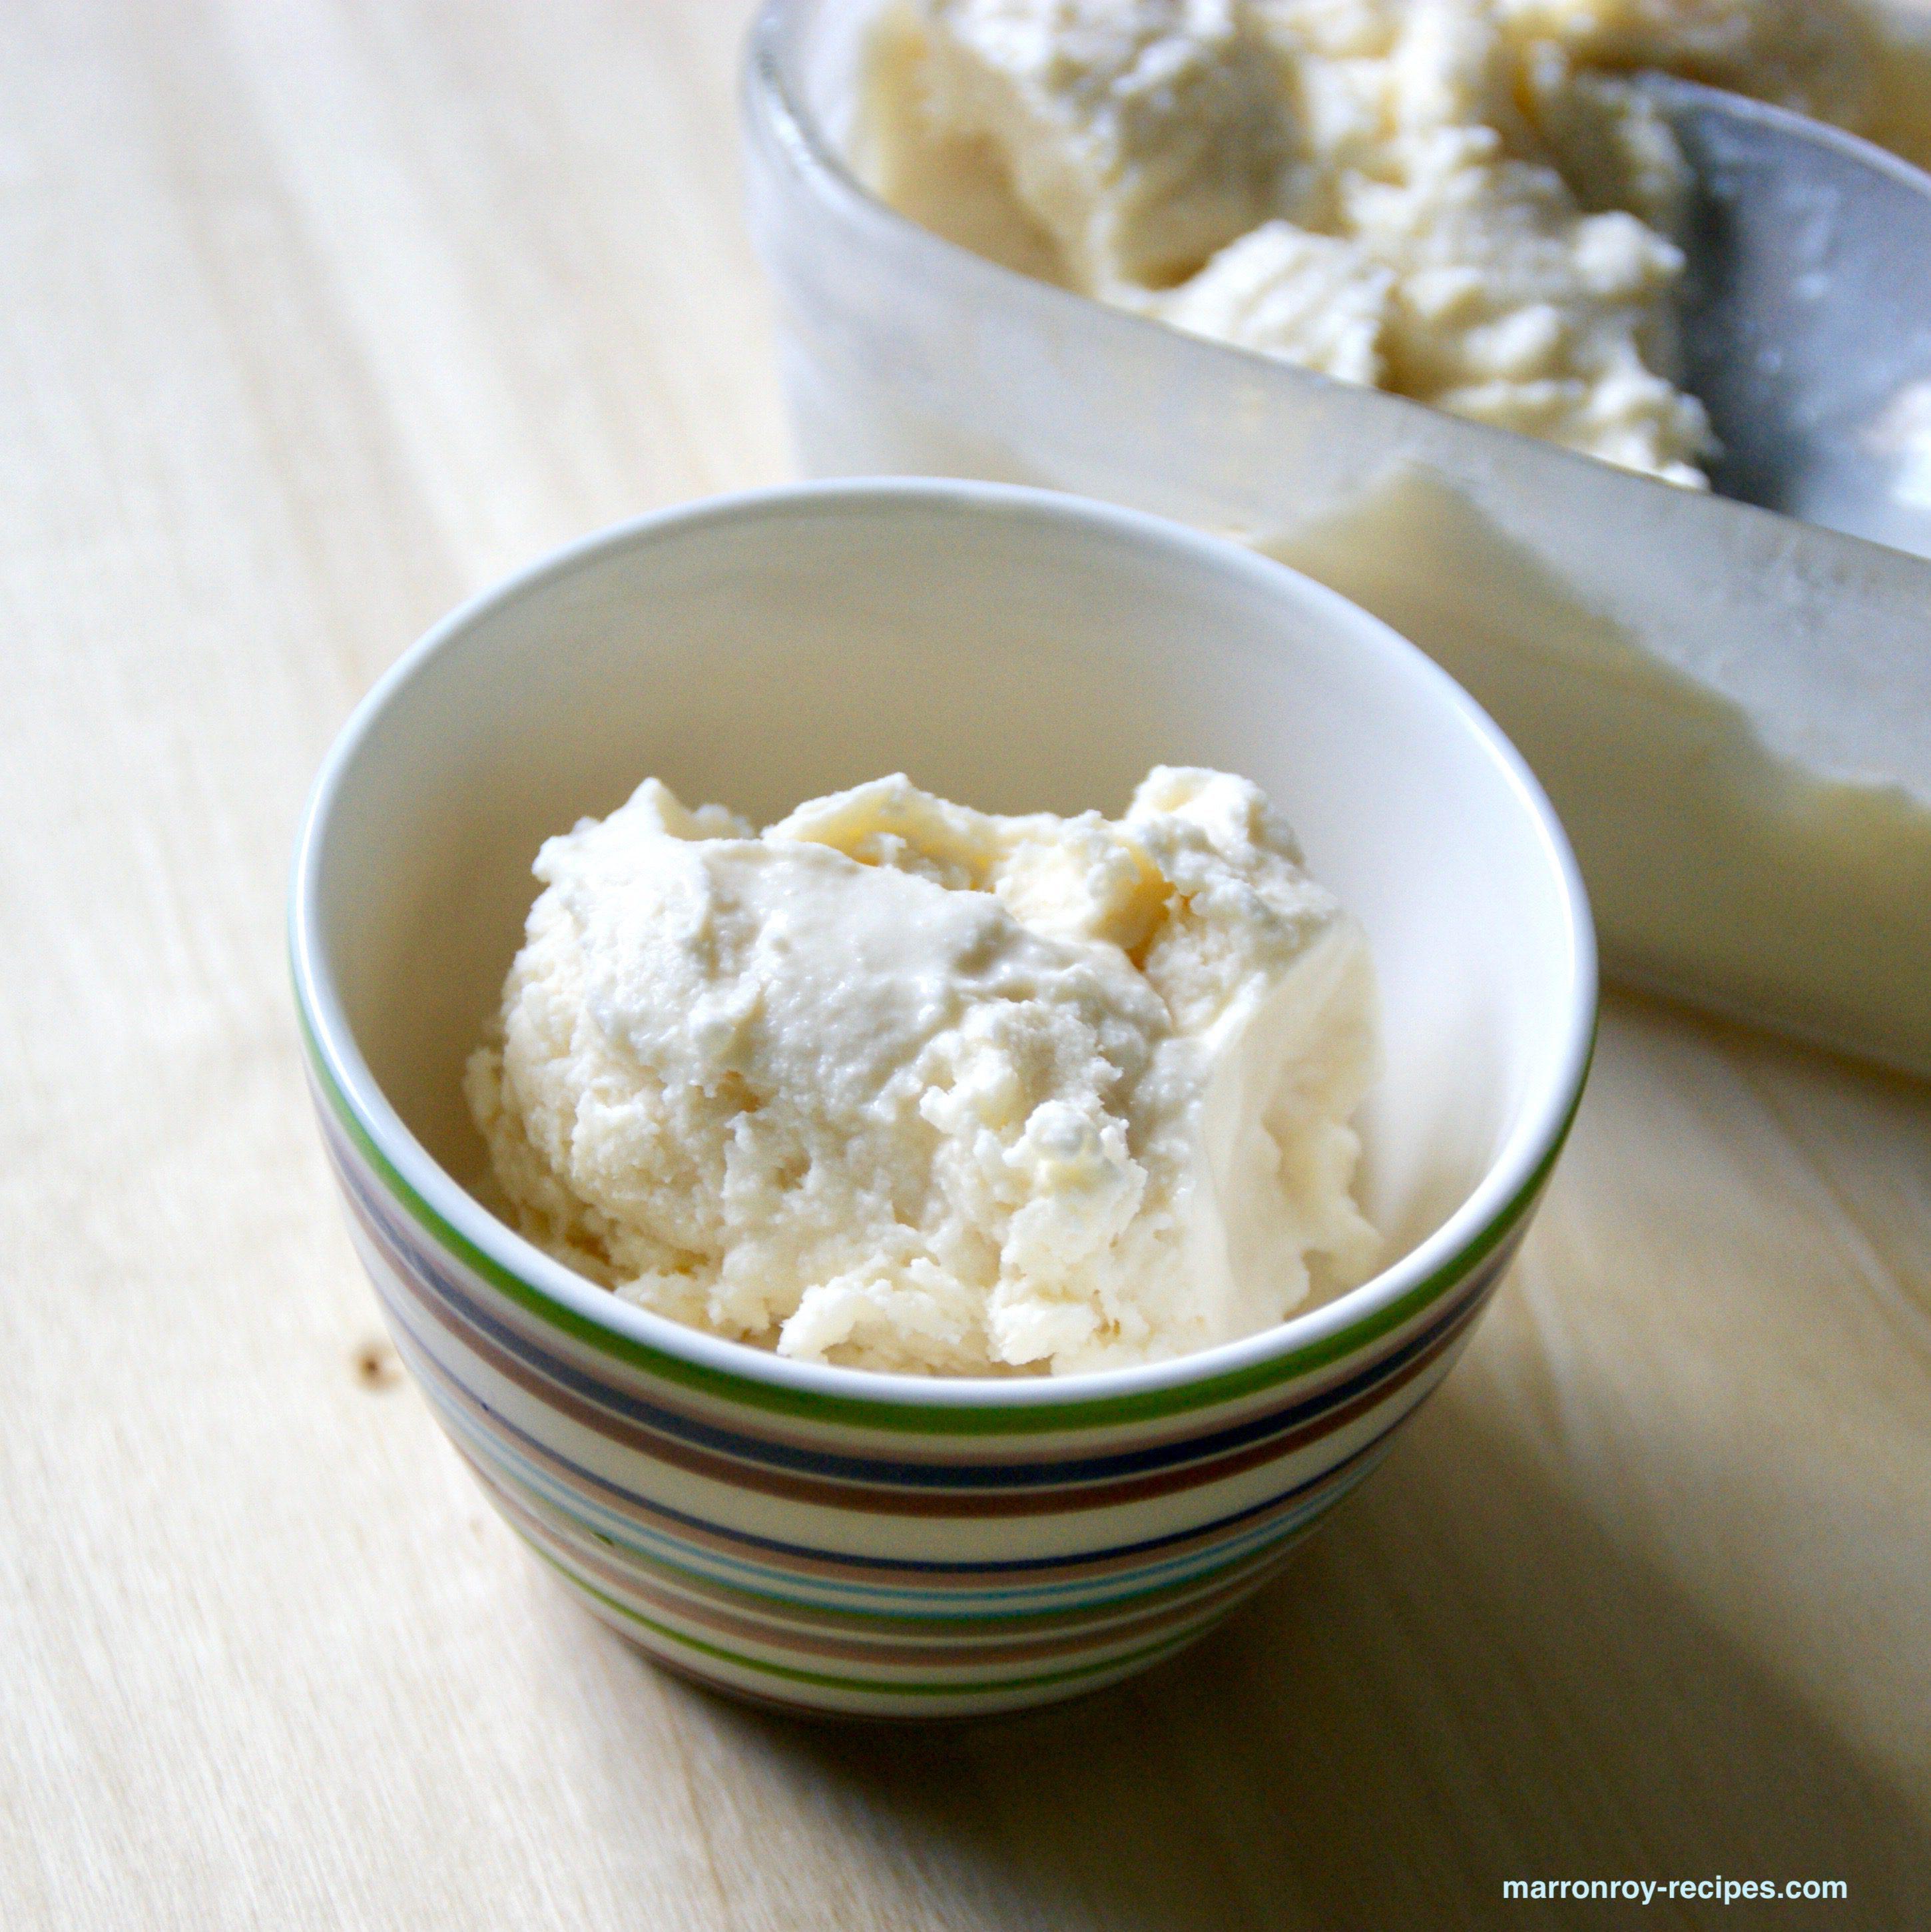 たまには手作り!卵不使用あっさりメープルアイスクリームはいかが?